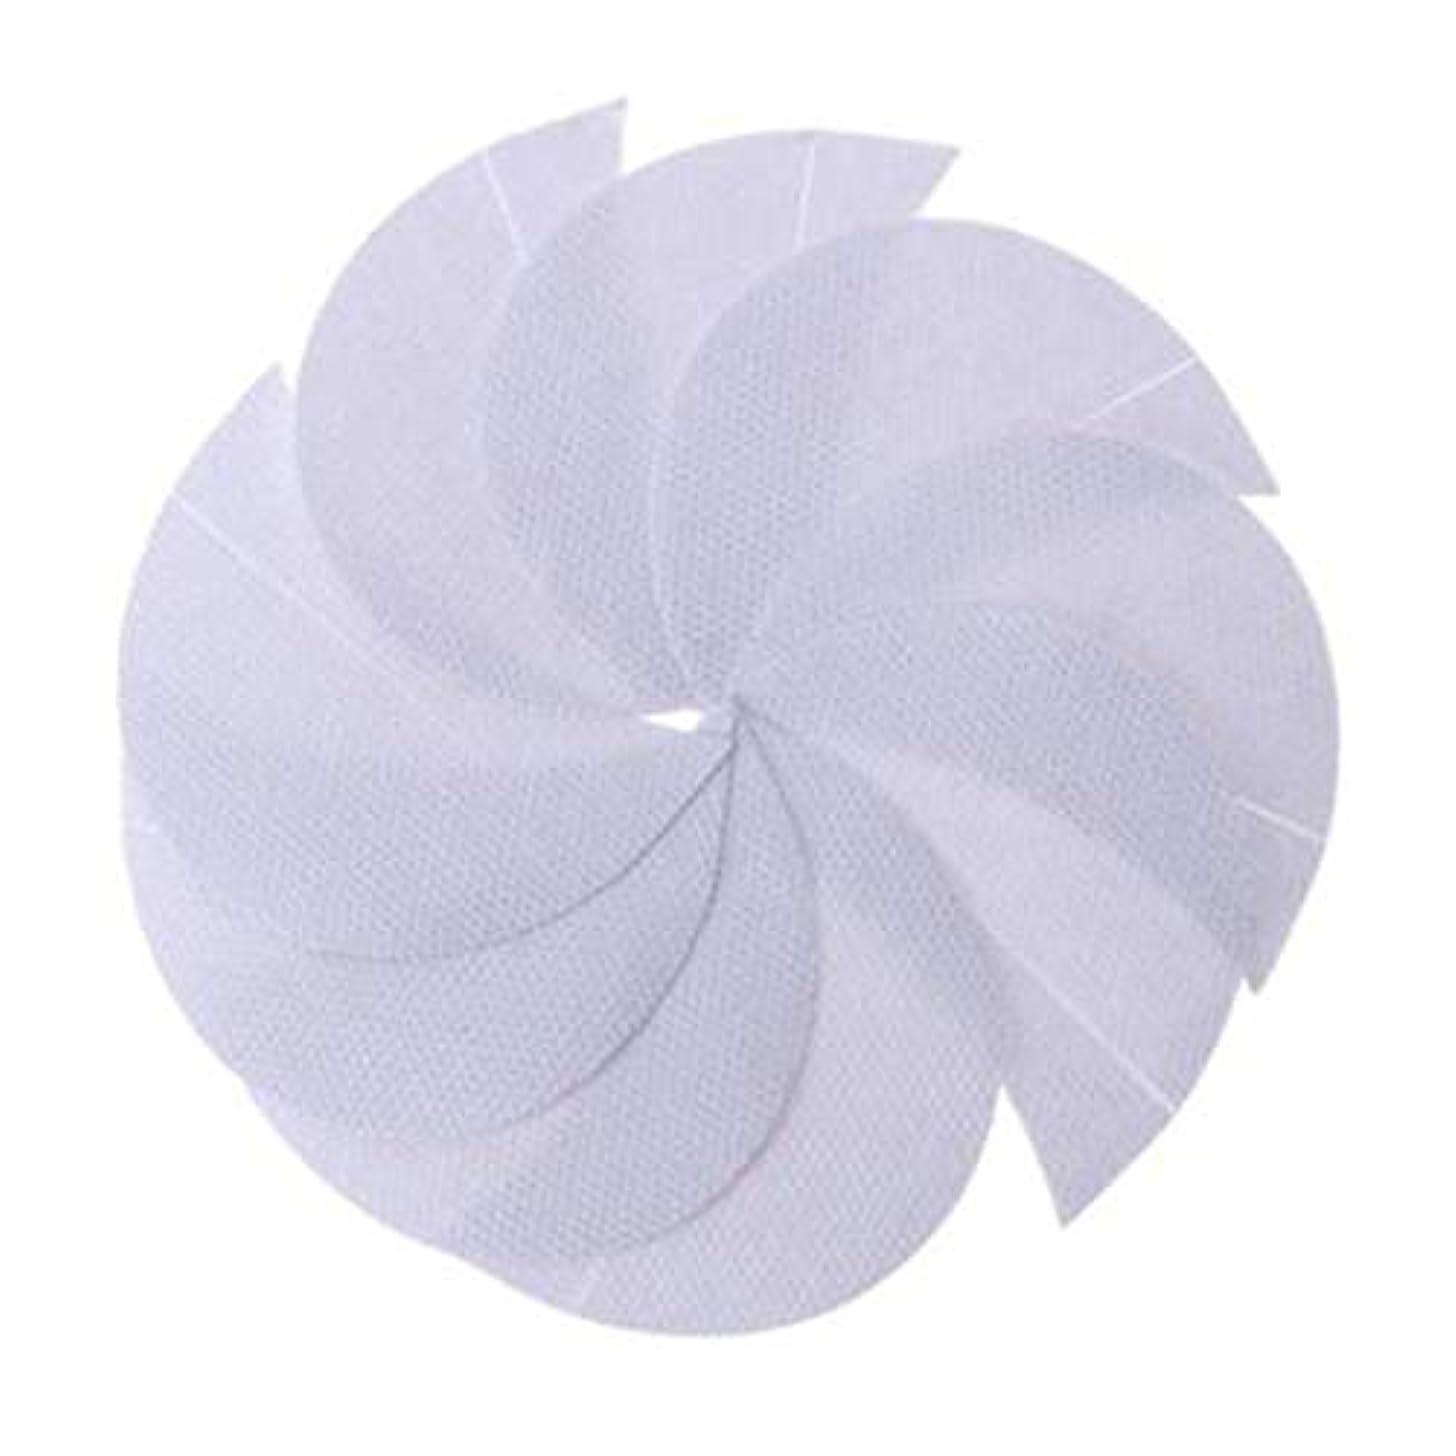 産地銀モットーRabugogo 100個/袋不織布アイシャドーシールドアイシャドージェルパッドパッチアイシャドーステンシル防止まつげエクステ化粧品残留物